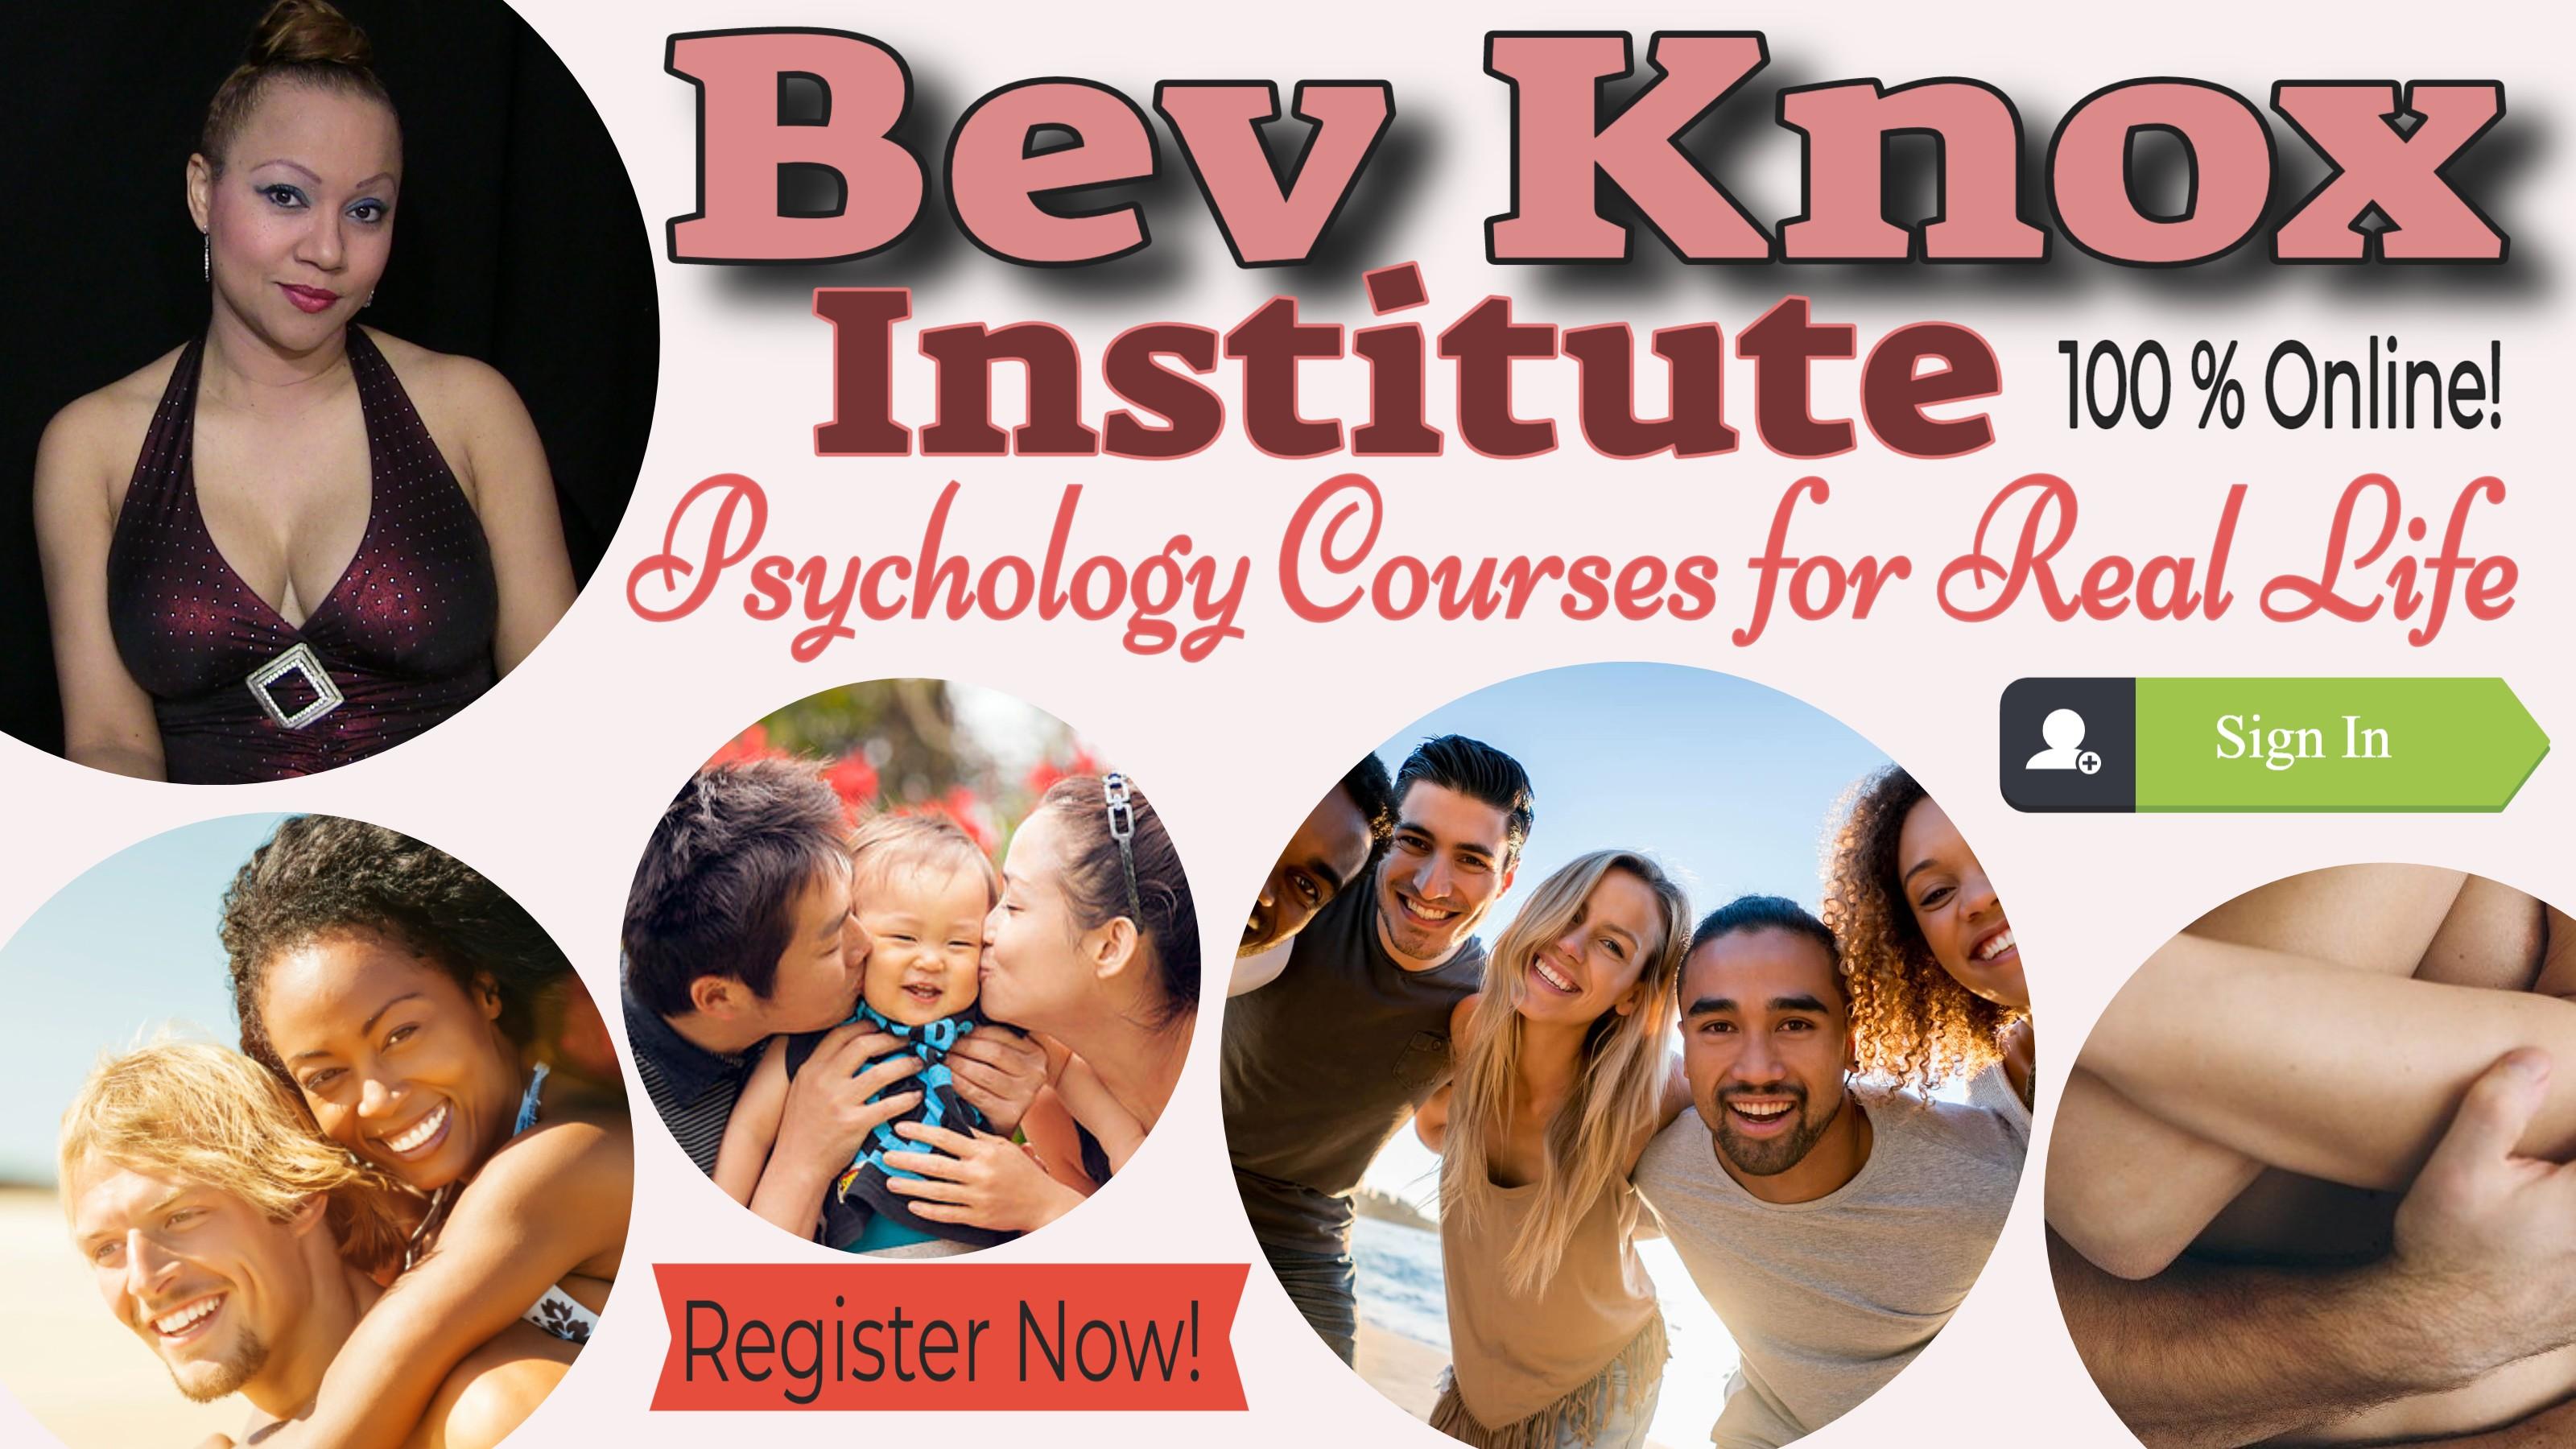 Bev Knox Institute